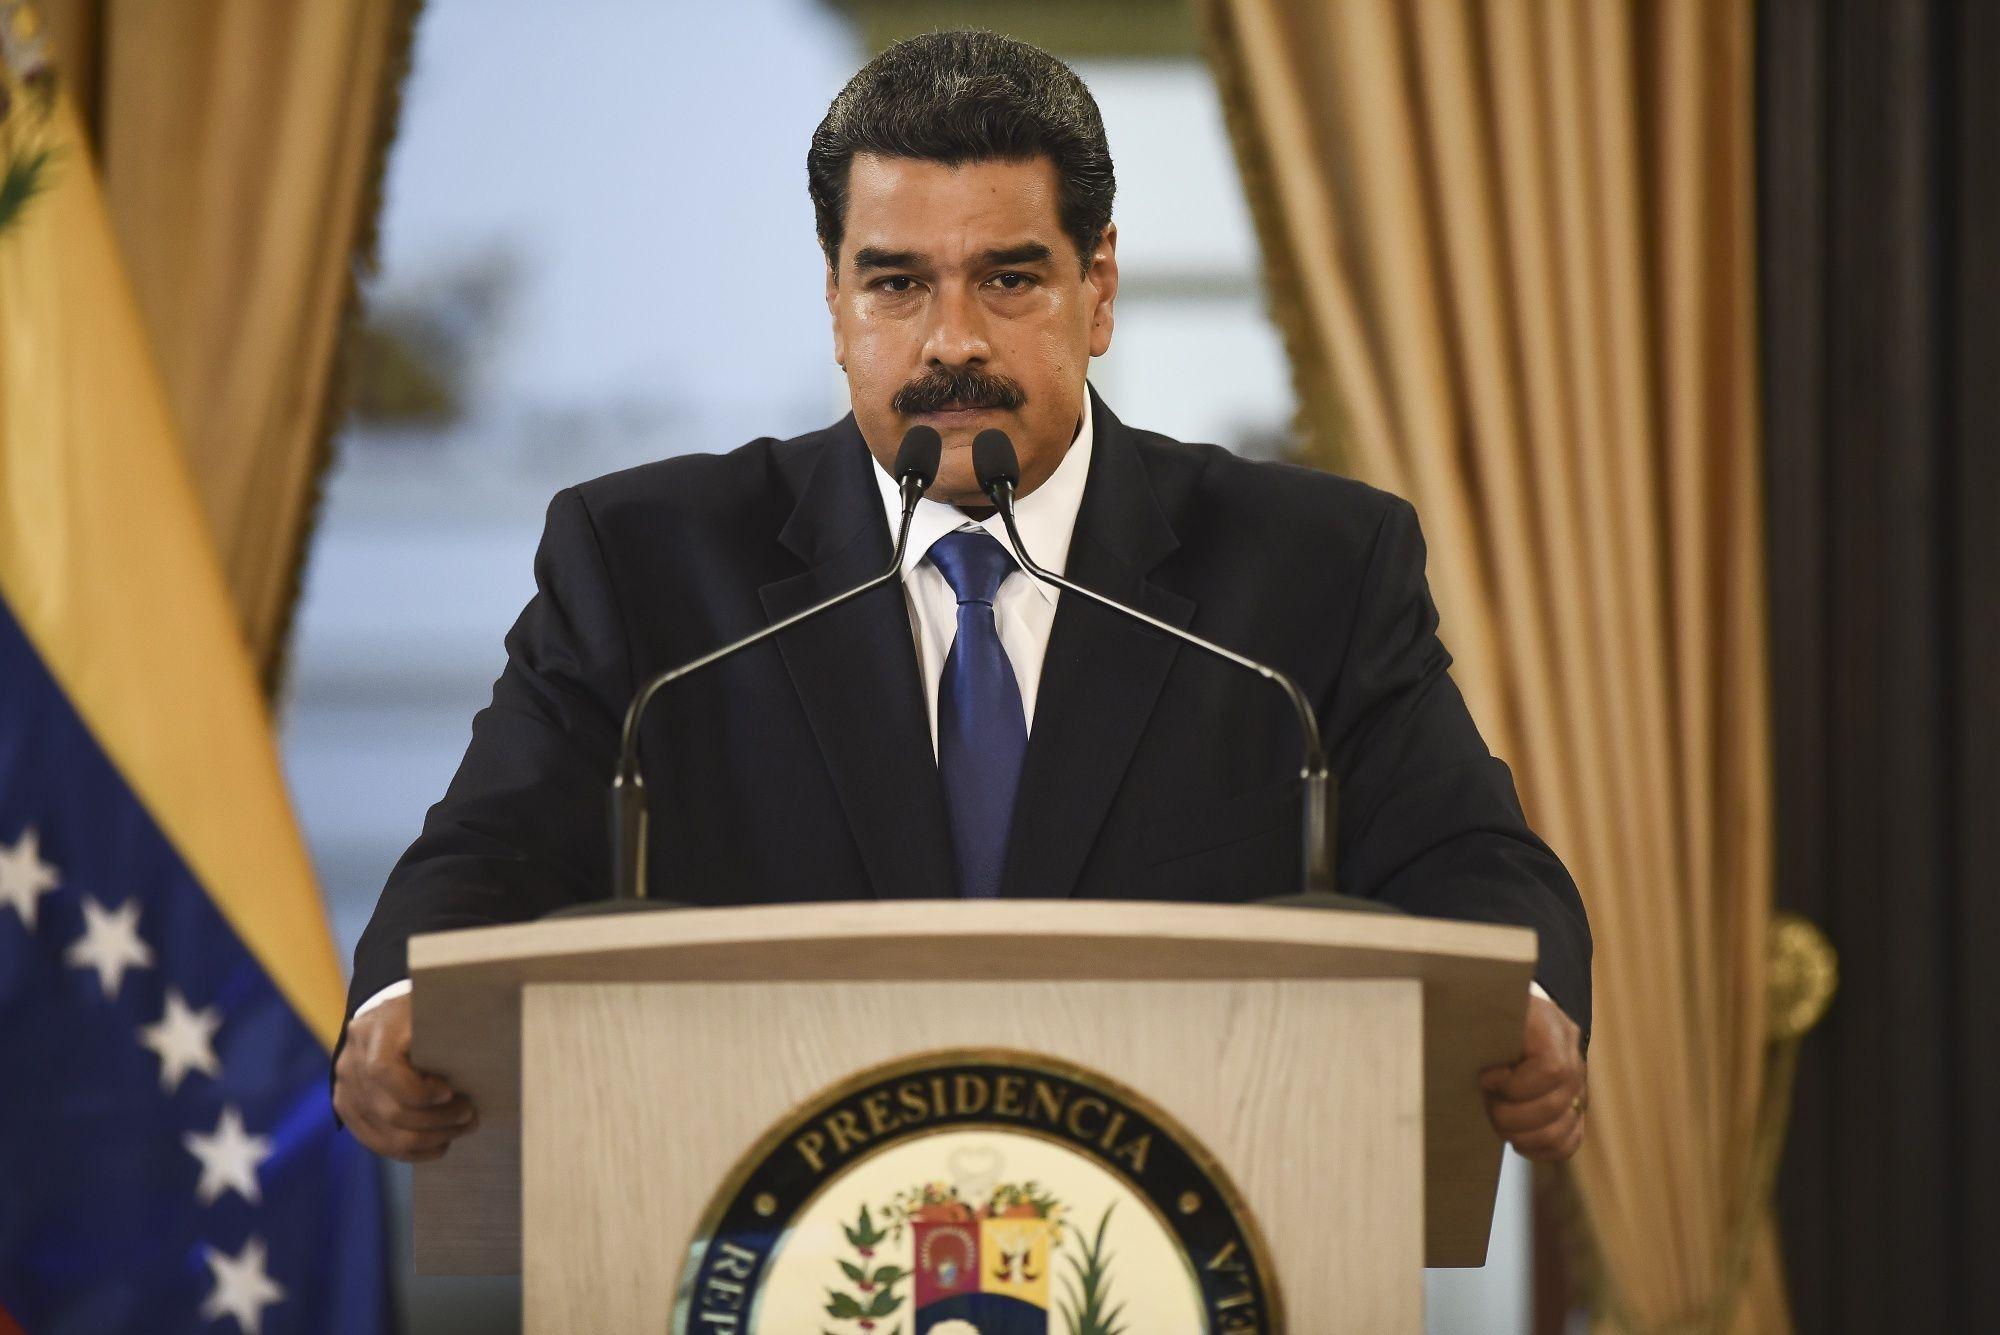 Aviones cargados de efectivo viajan de Rusia a Venezuela